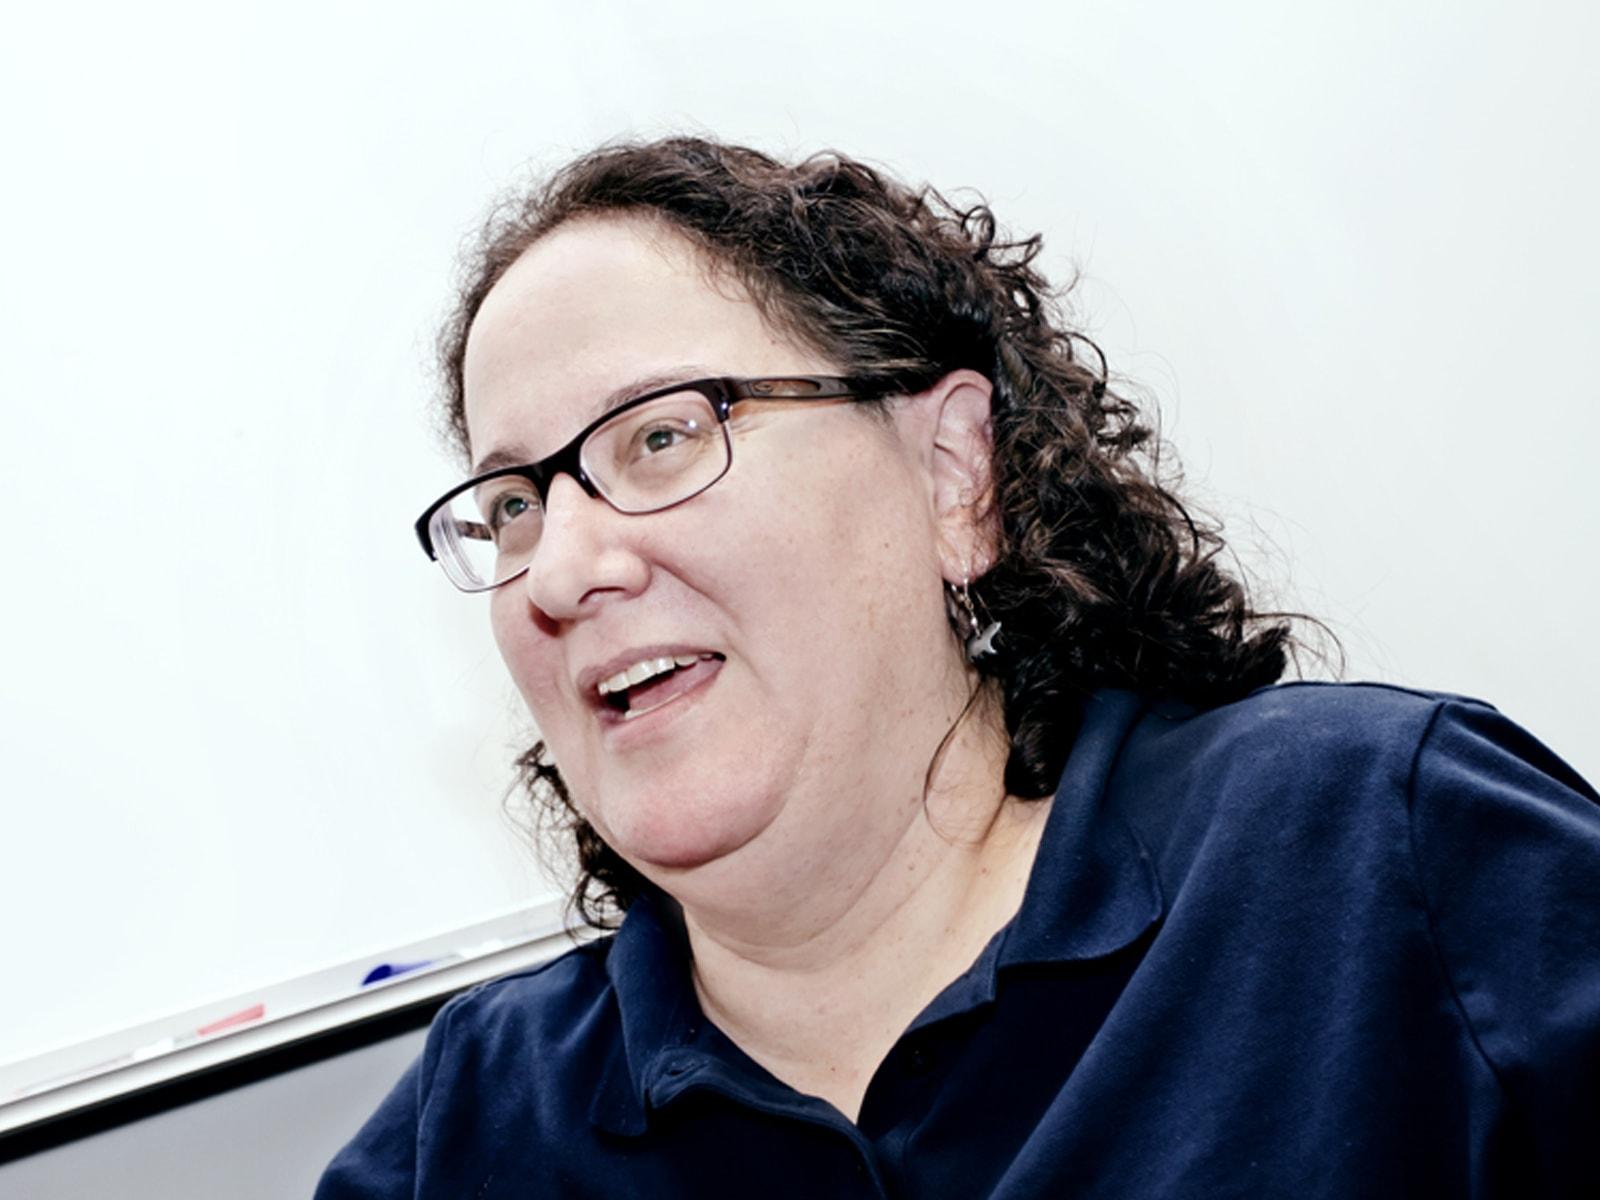 DigiPen professor Ellen Beeman speaking in front of a whiteboard